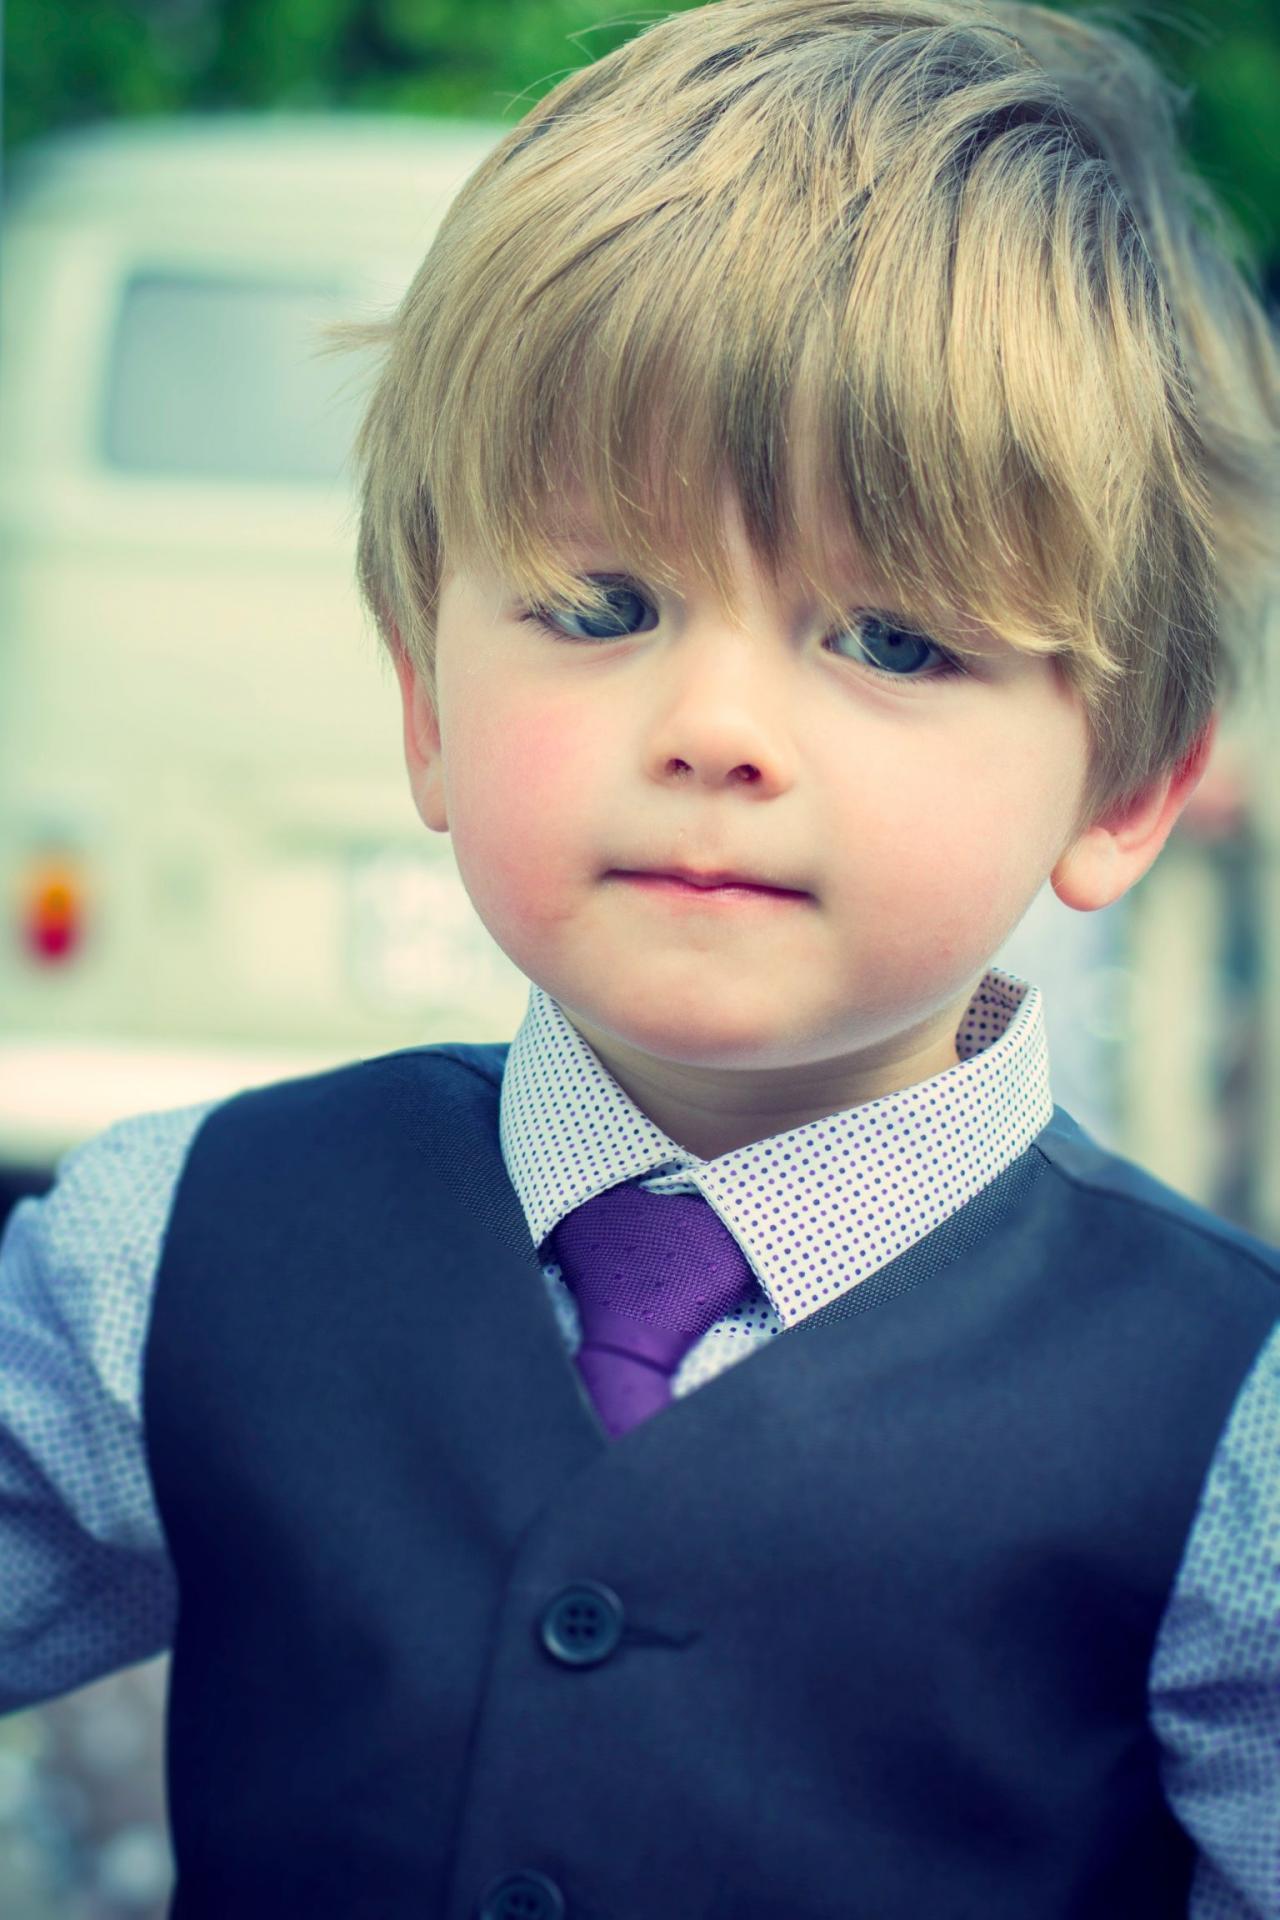 صورة صور اجمل طفل , اجمل صورة اطفال كيوت في العالم